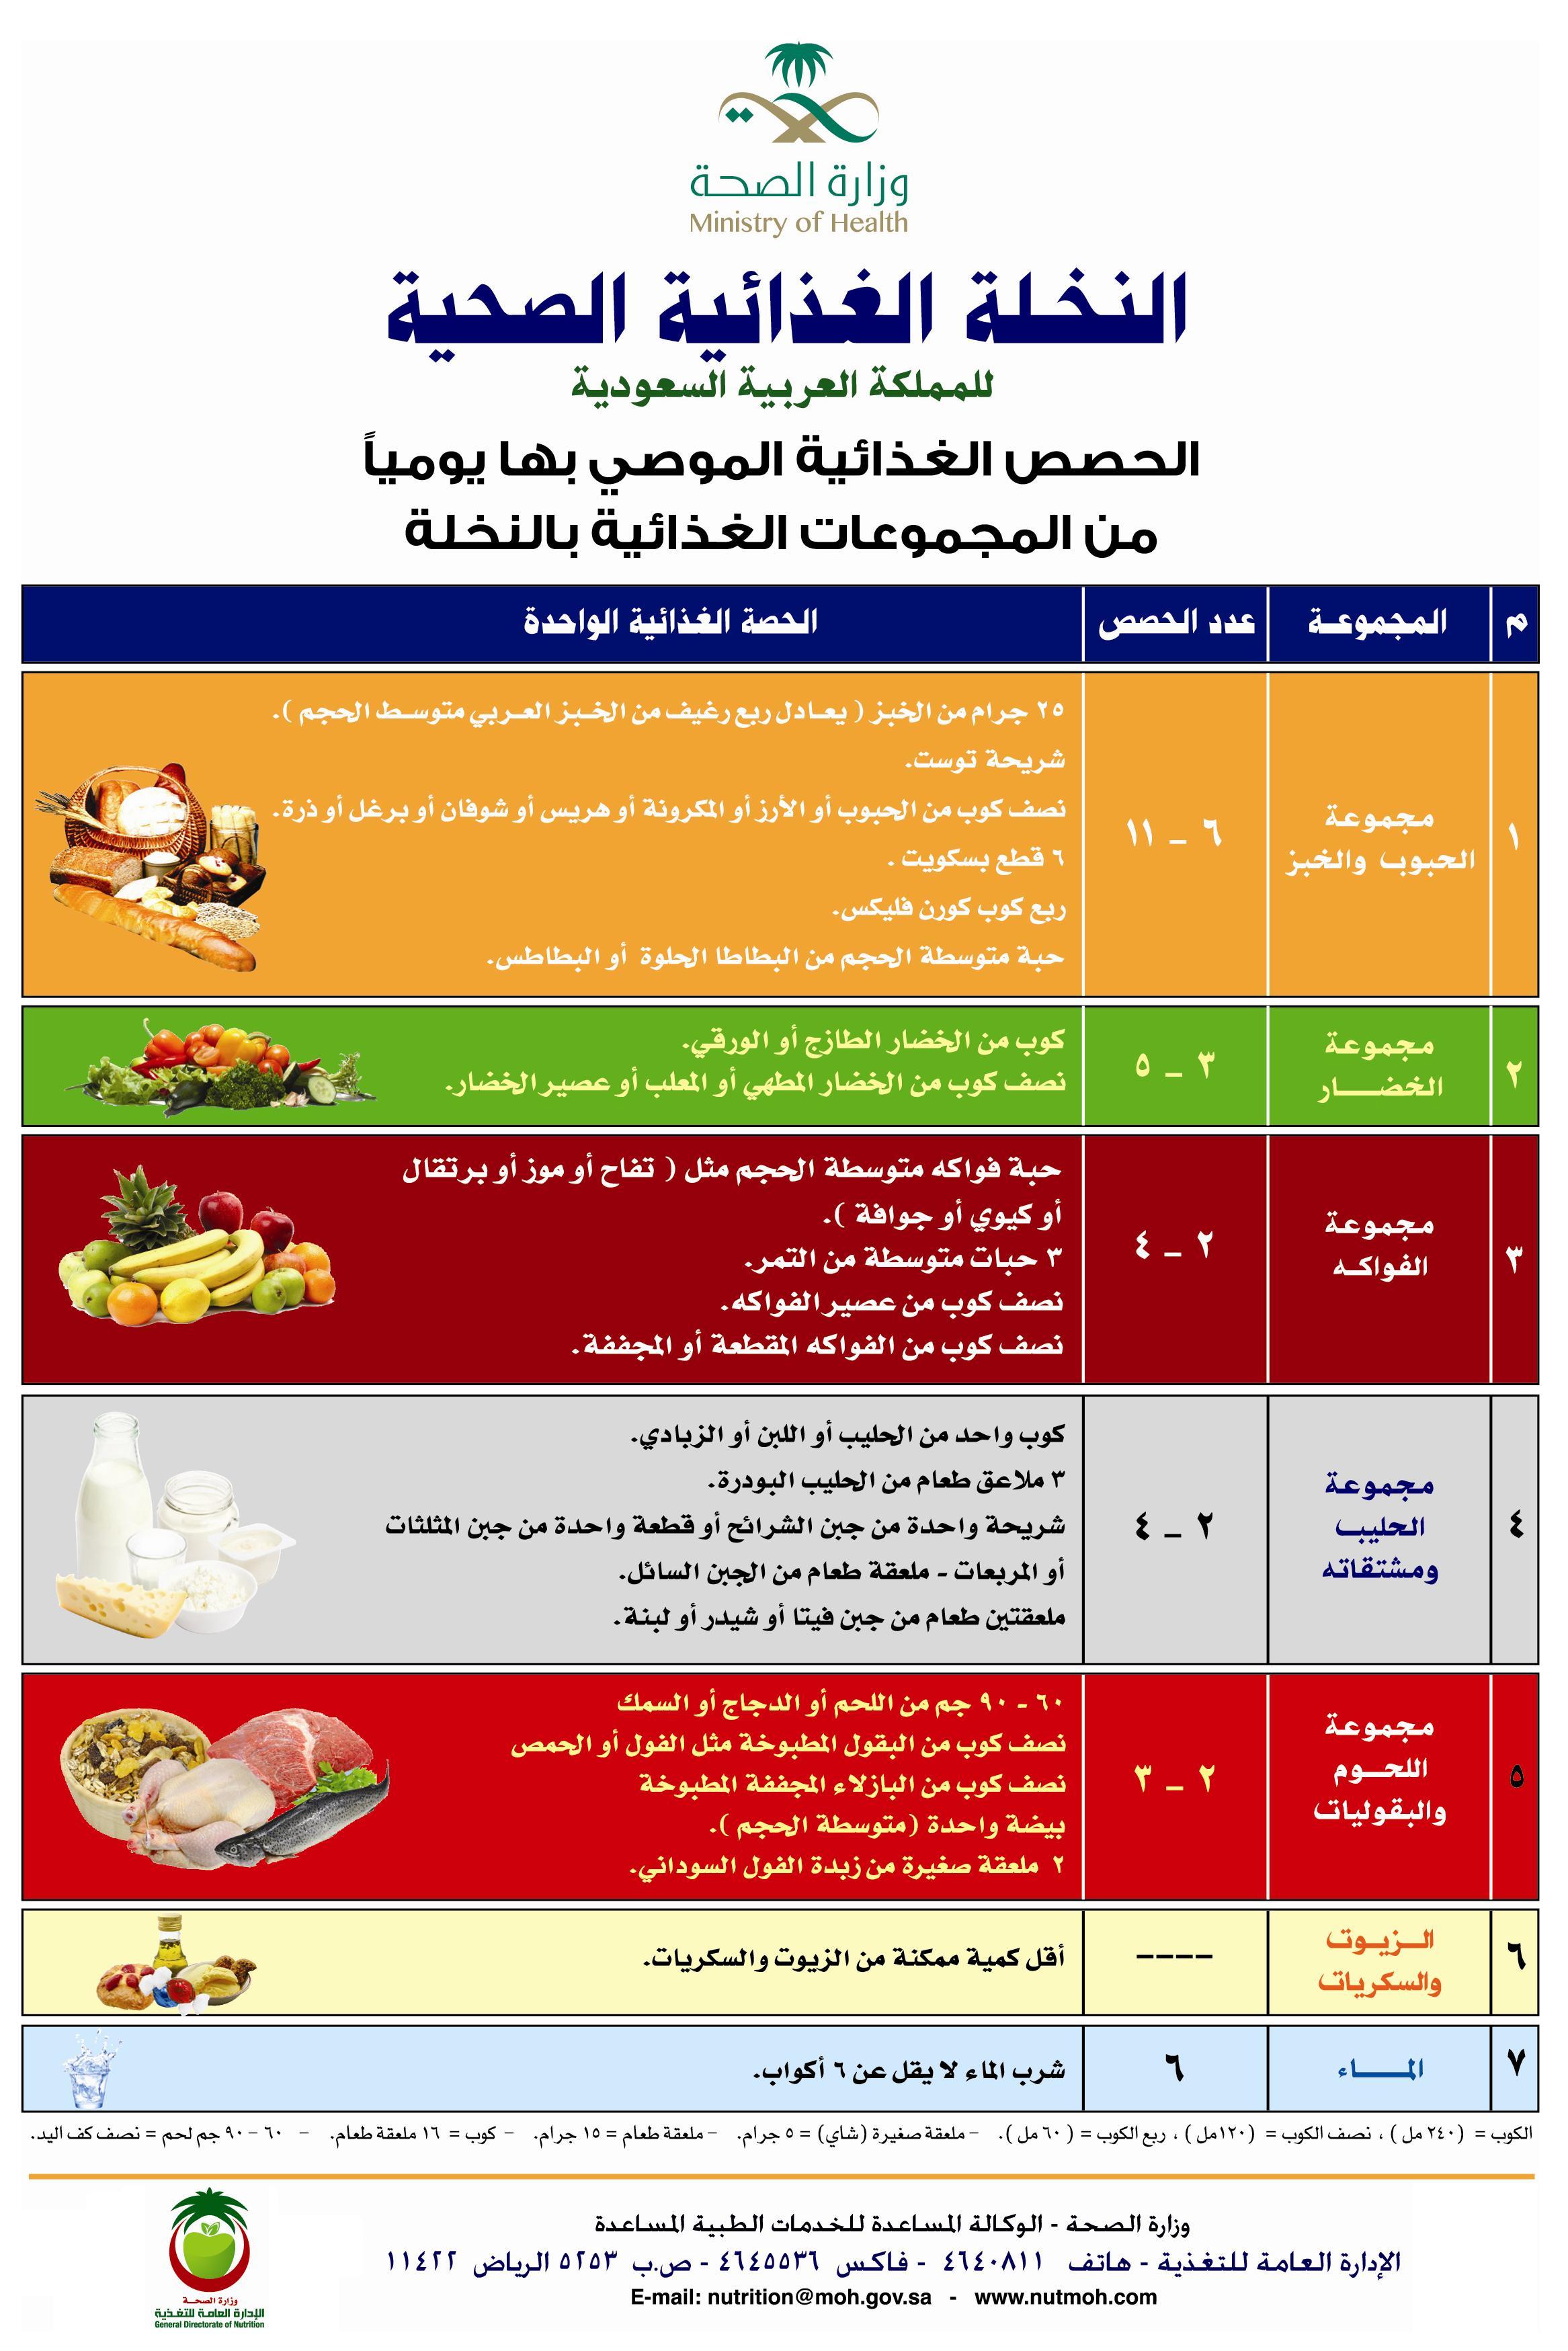 التوعية الصحية الدليل الغذائي الصحي السعودي